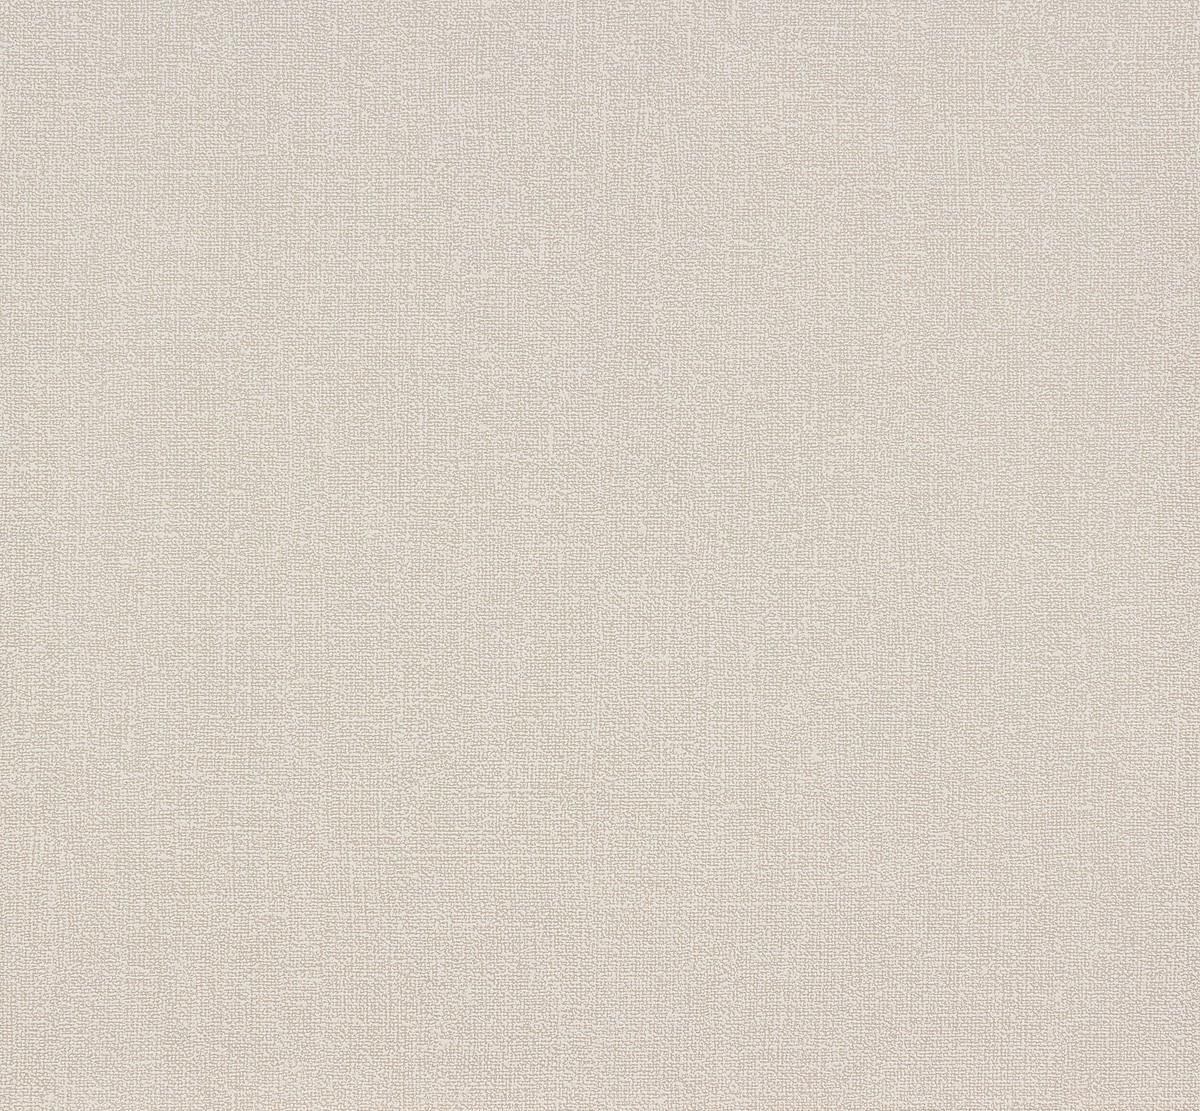 Vliestapete grau uni visio erismann 6953 37 3 07 1qm ebay - Vliestapete grau ...